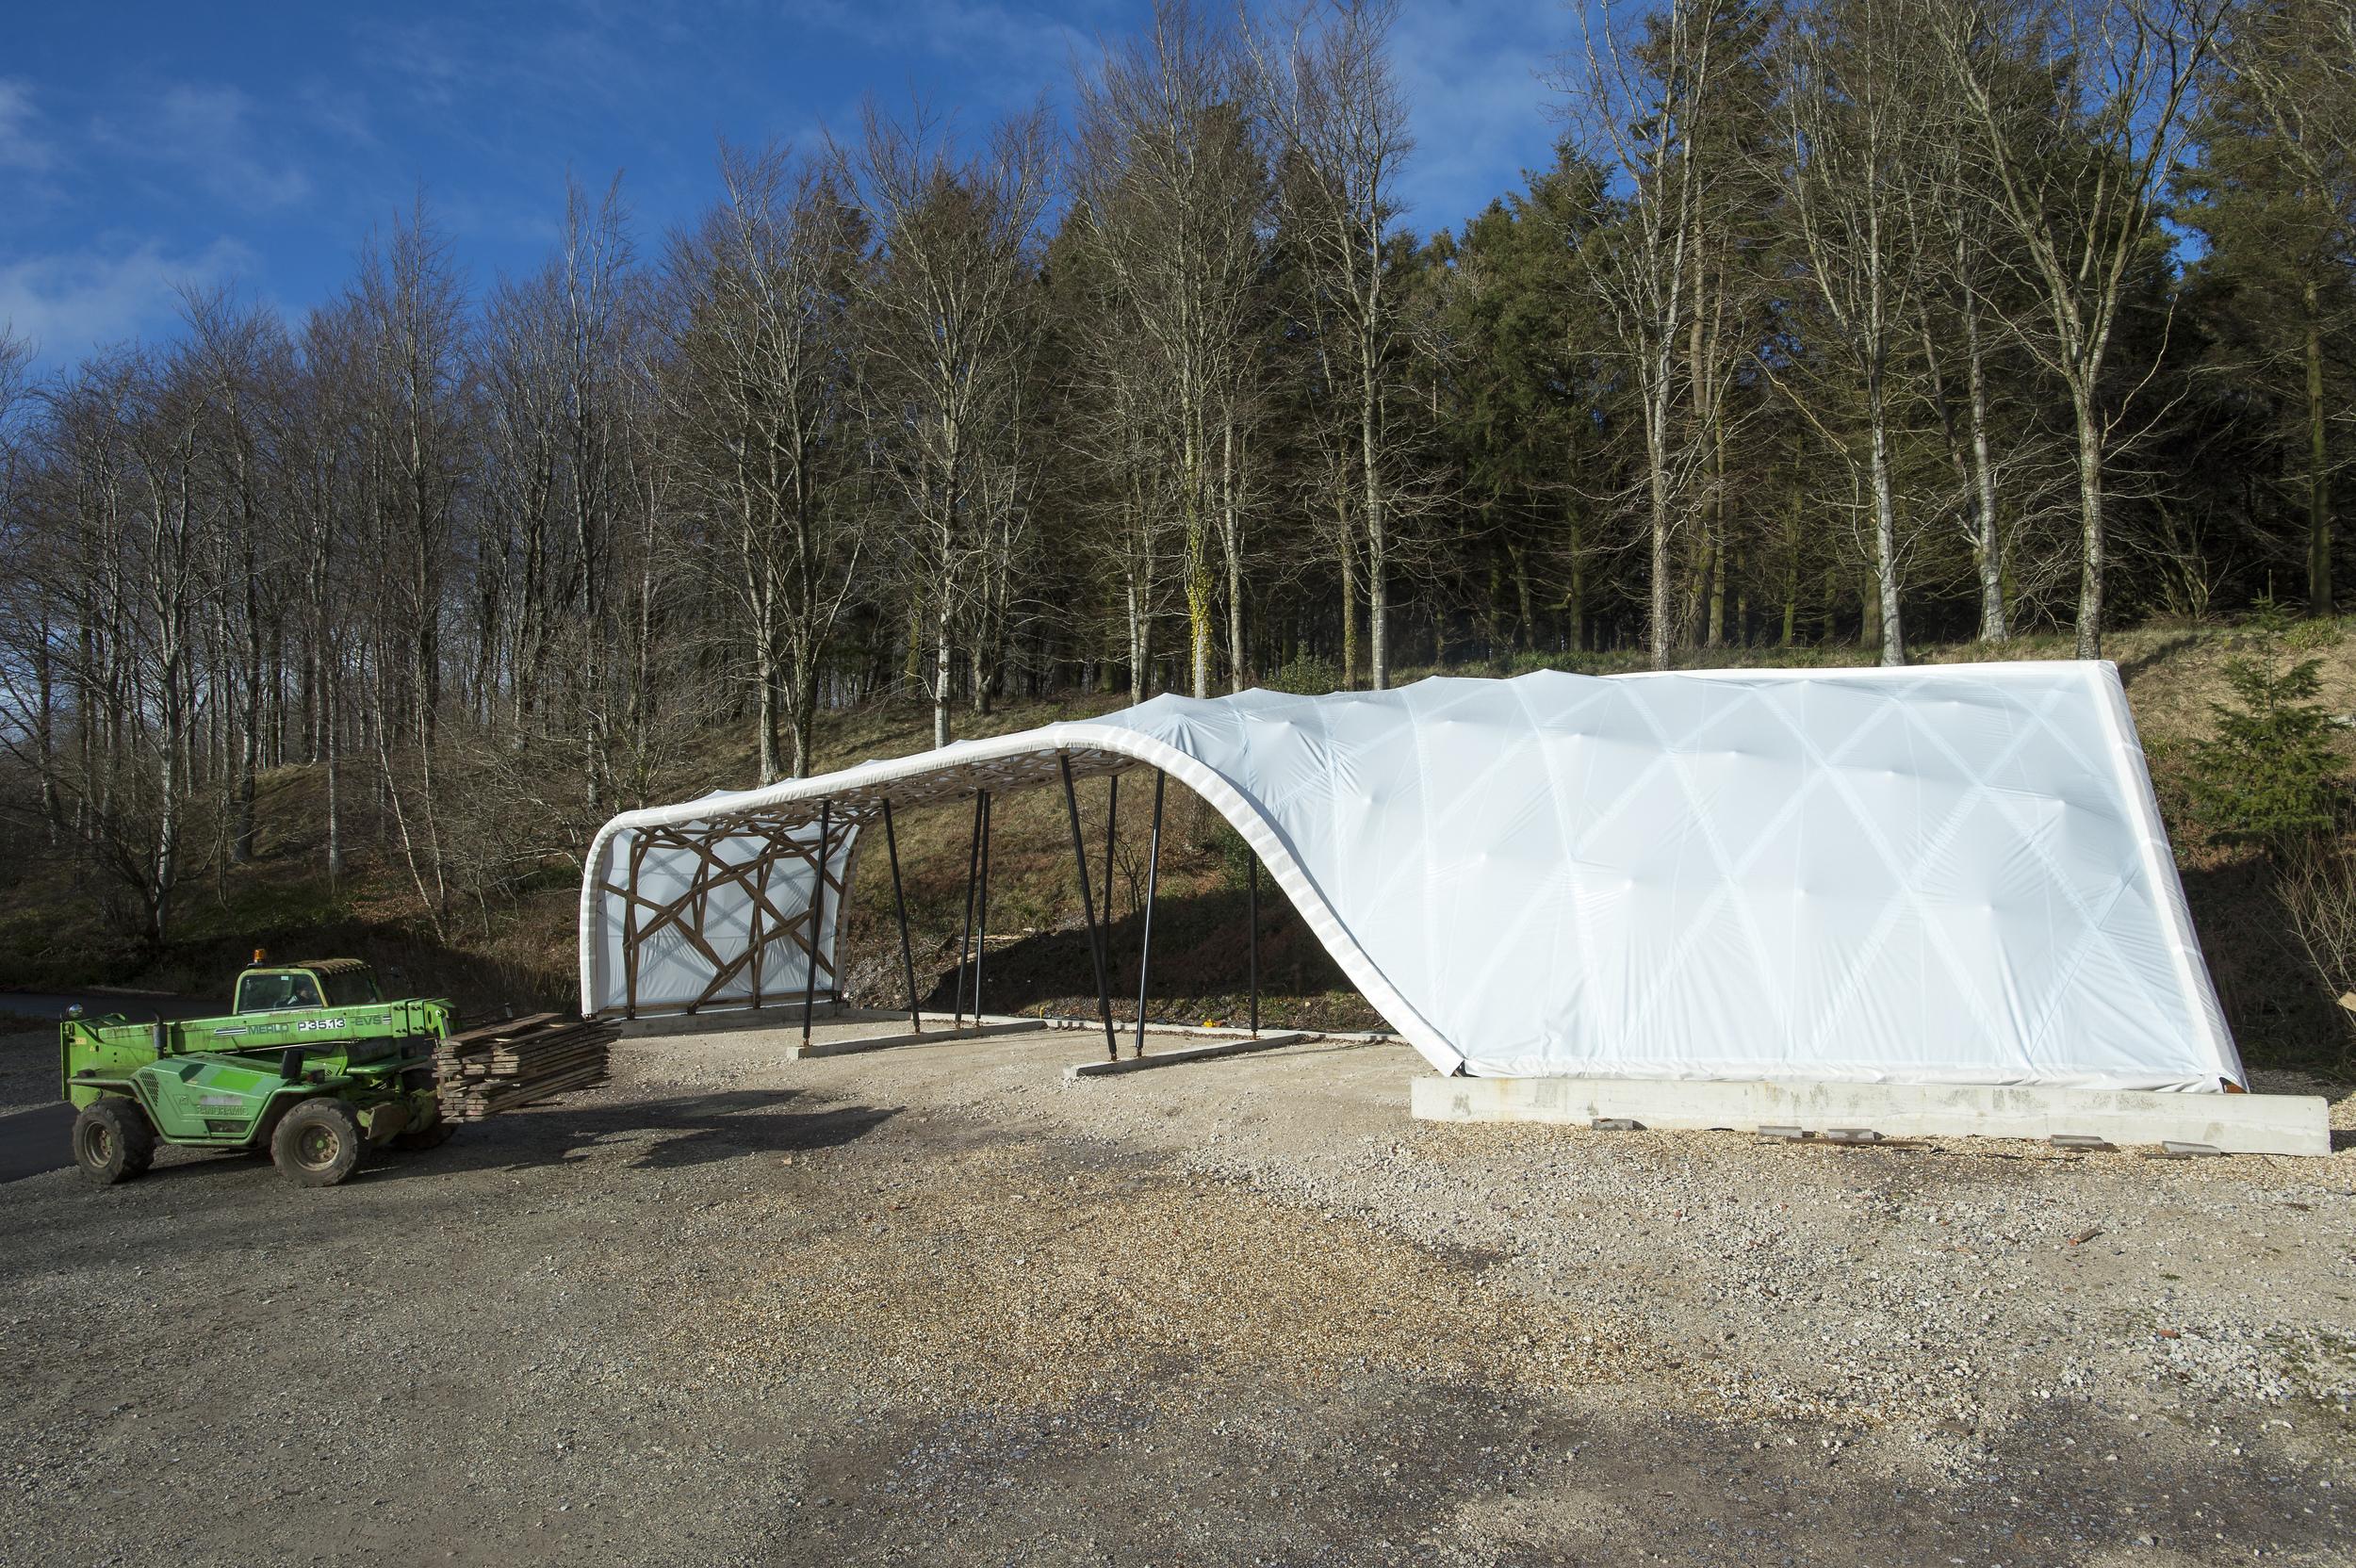 Hooke_Park_Design_&_Make_Timber_Seasoning_Shelter_©Valerie_Bennett_2014_02_22_0071.jpg